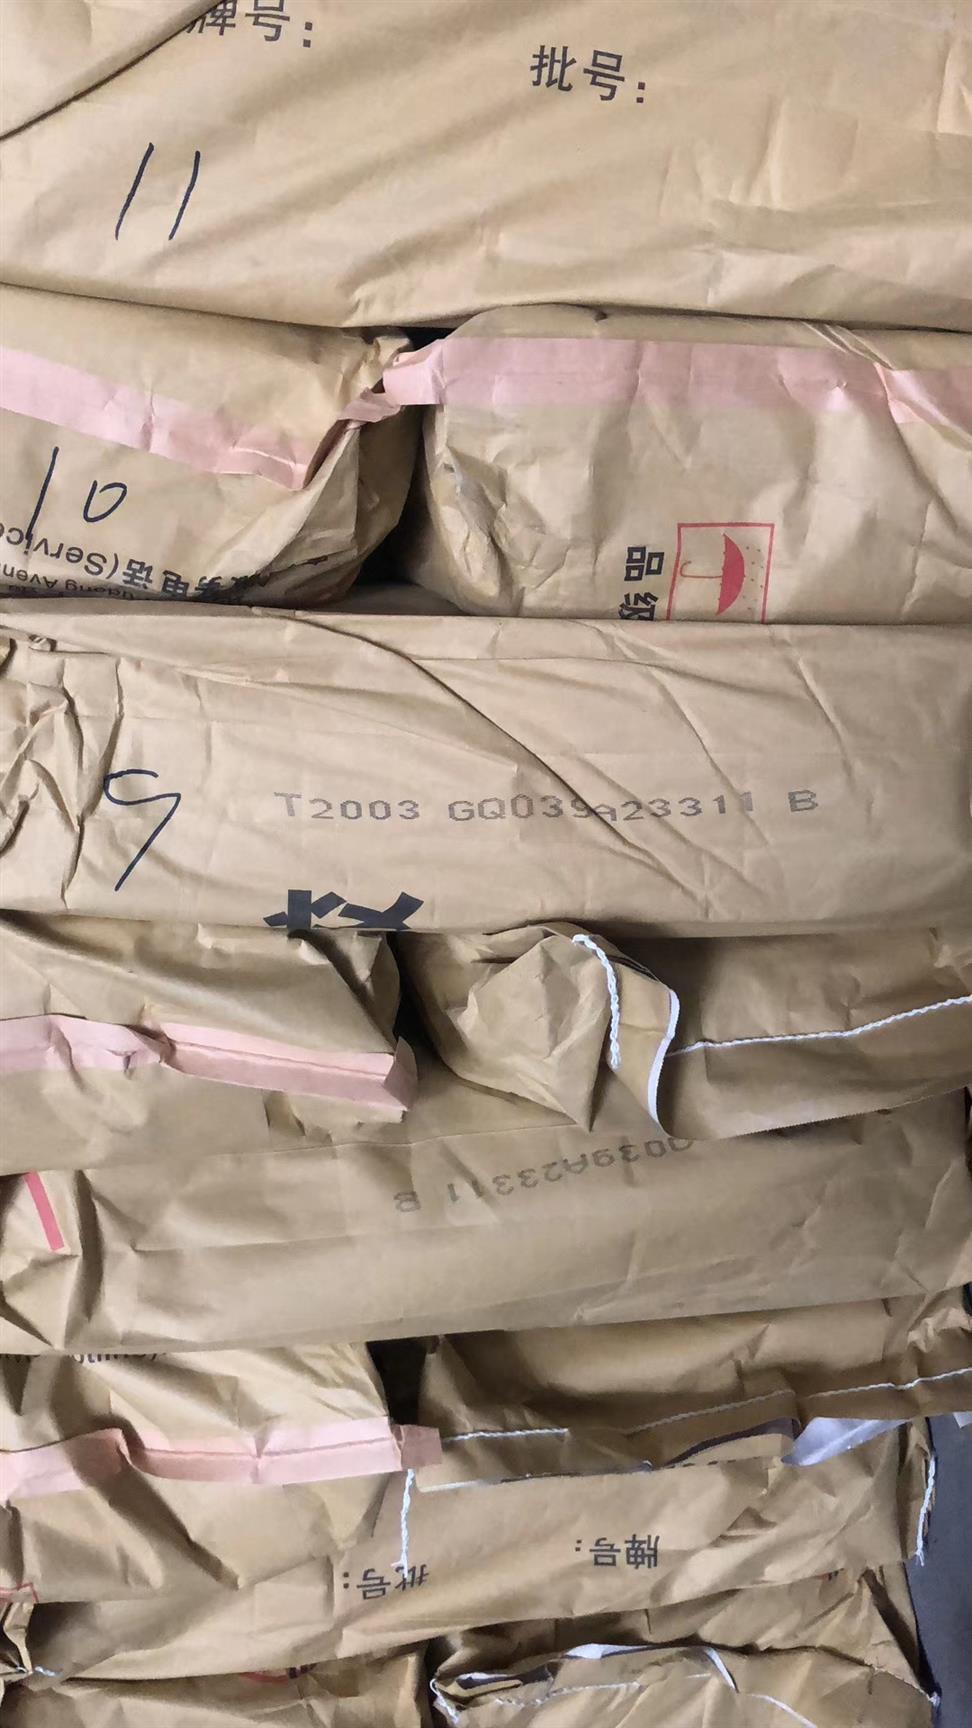 溶聚丁苯橡胶品牌 聚苯乙烯丁二烯共聚物 耐用防磨损